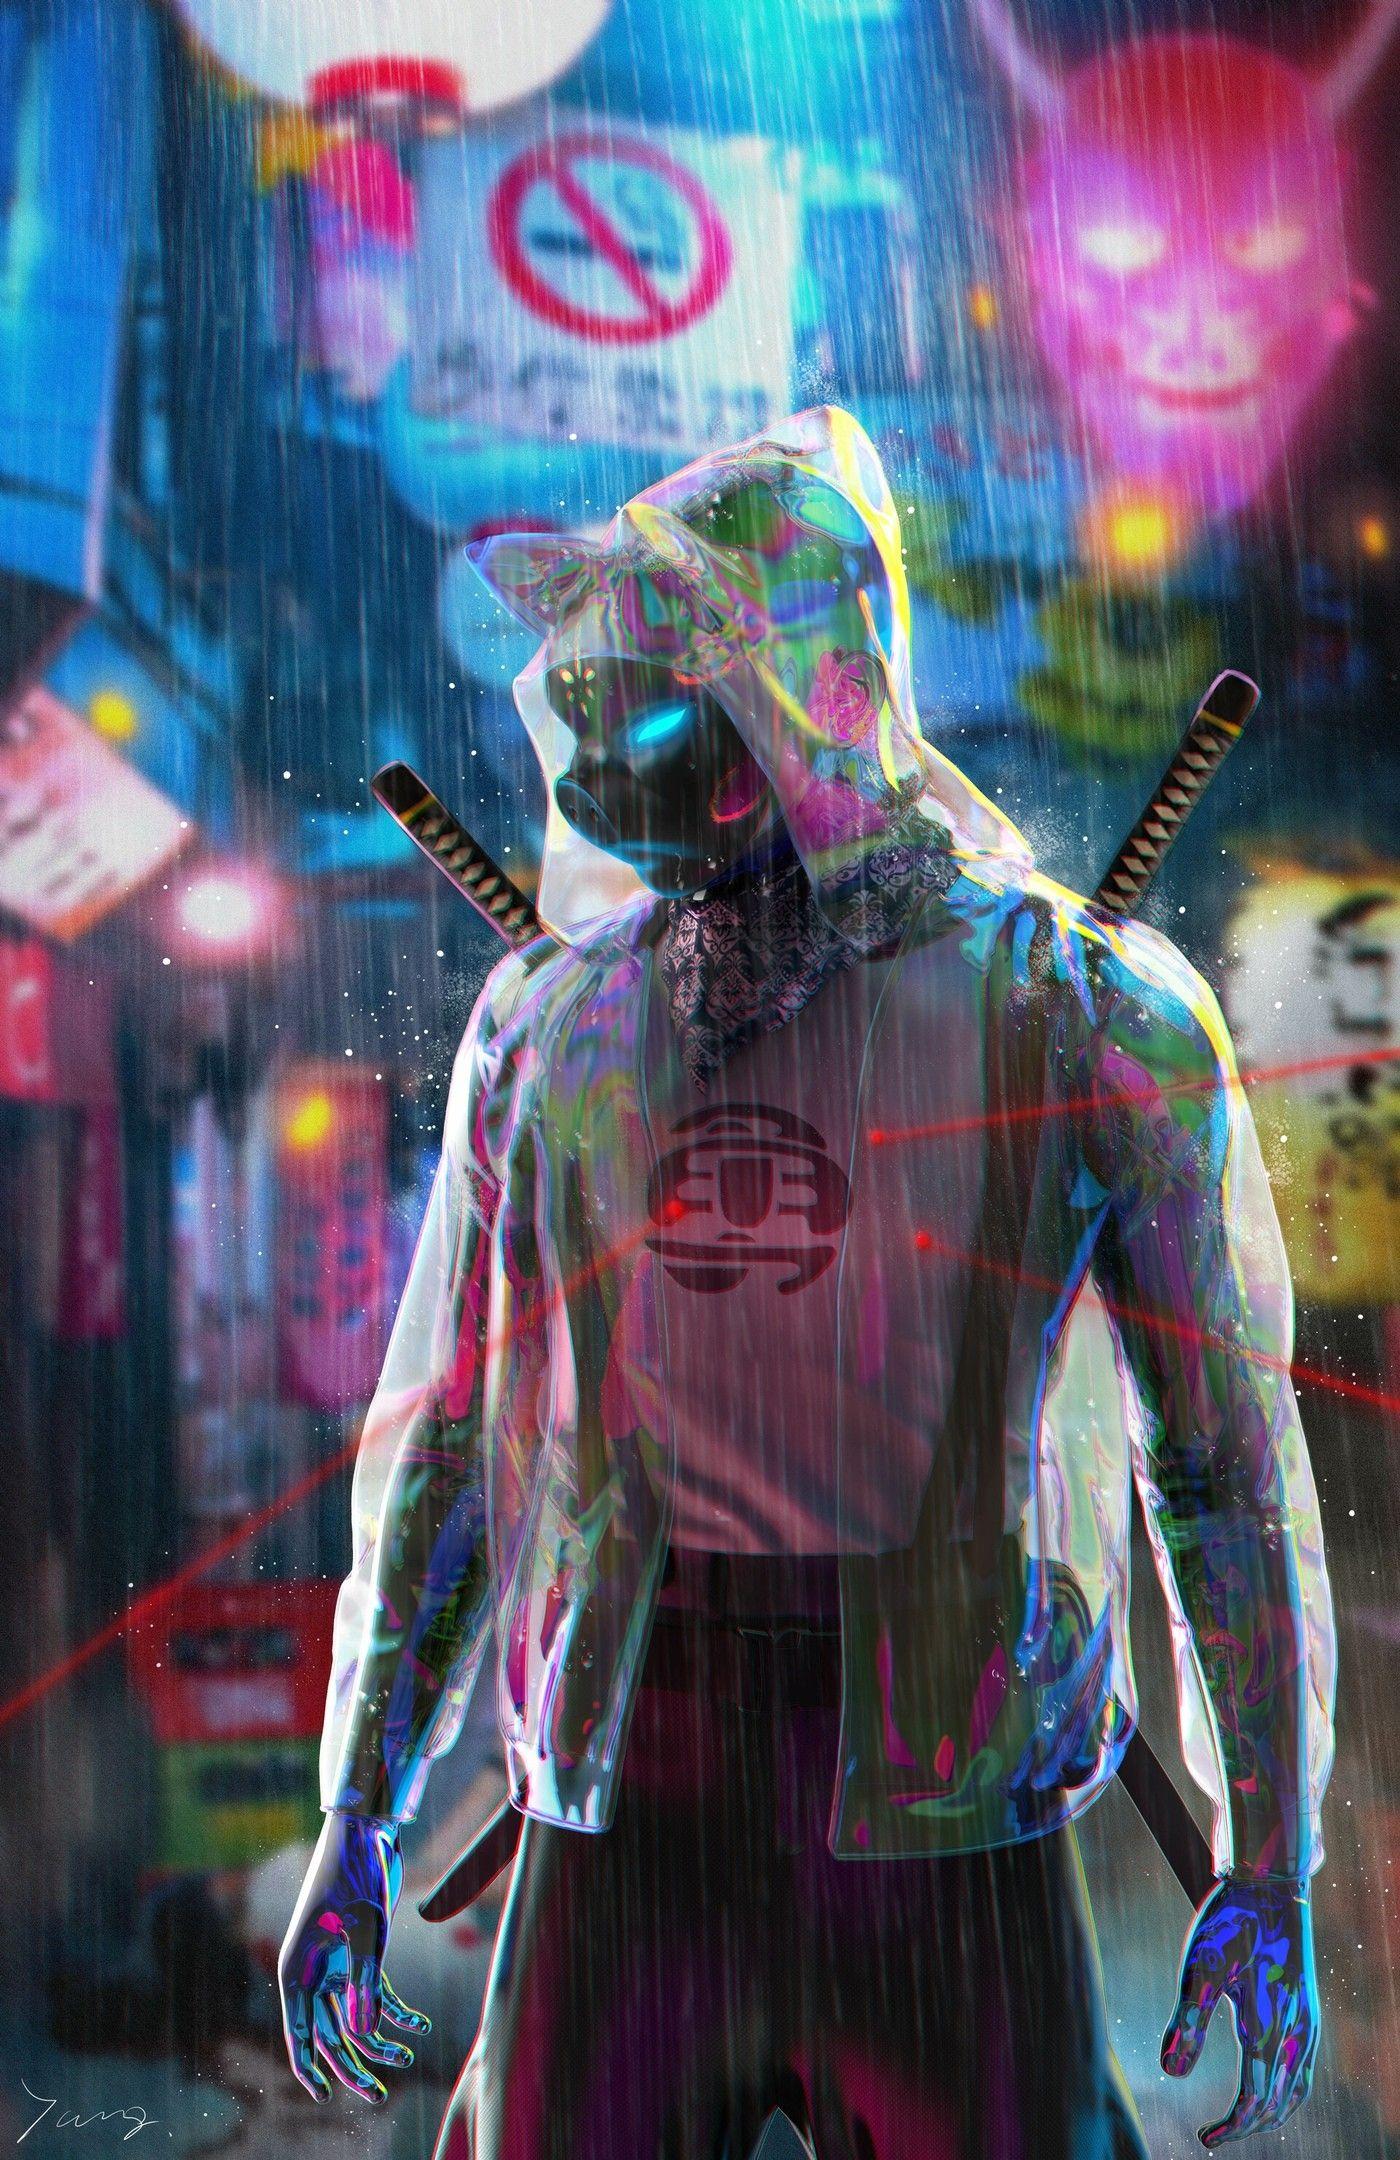 Pin Oleh Frank Ortega Di Cyberpunk Dengan Gambar Lukisan